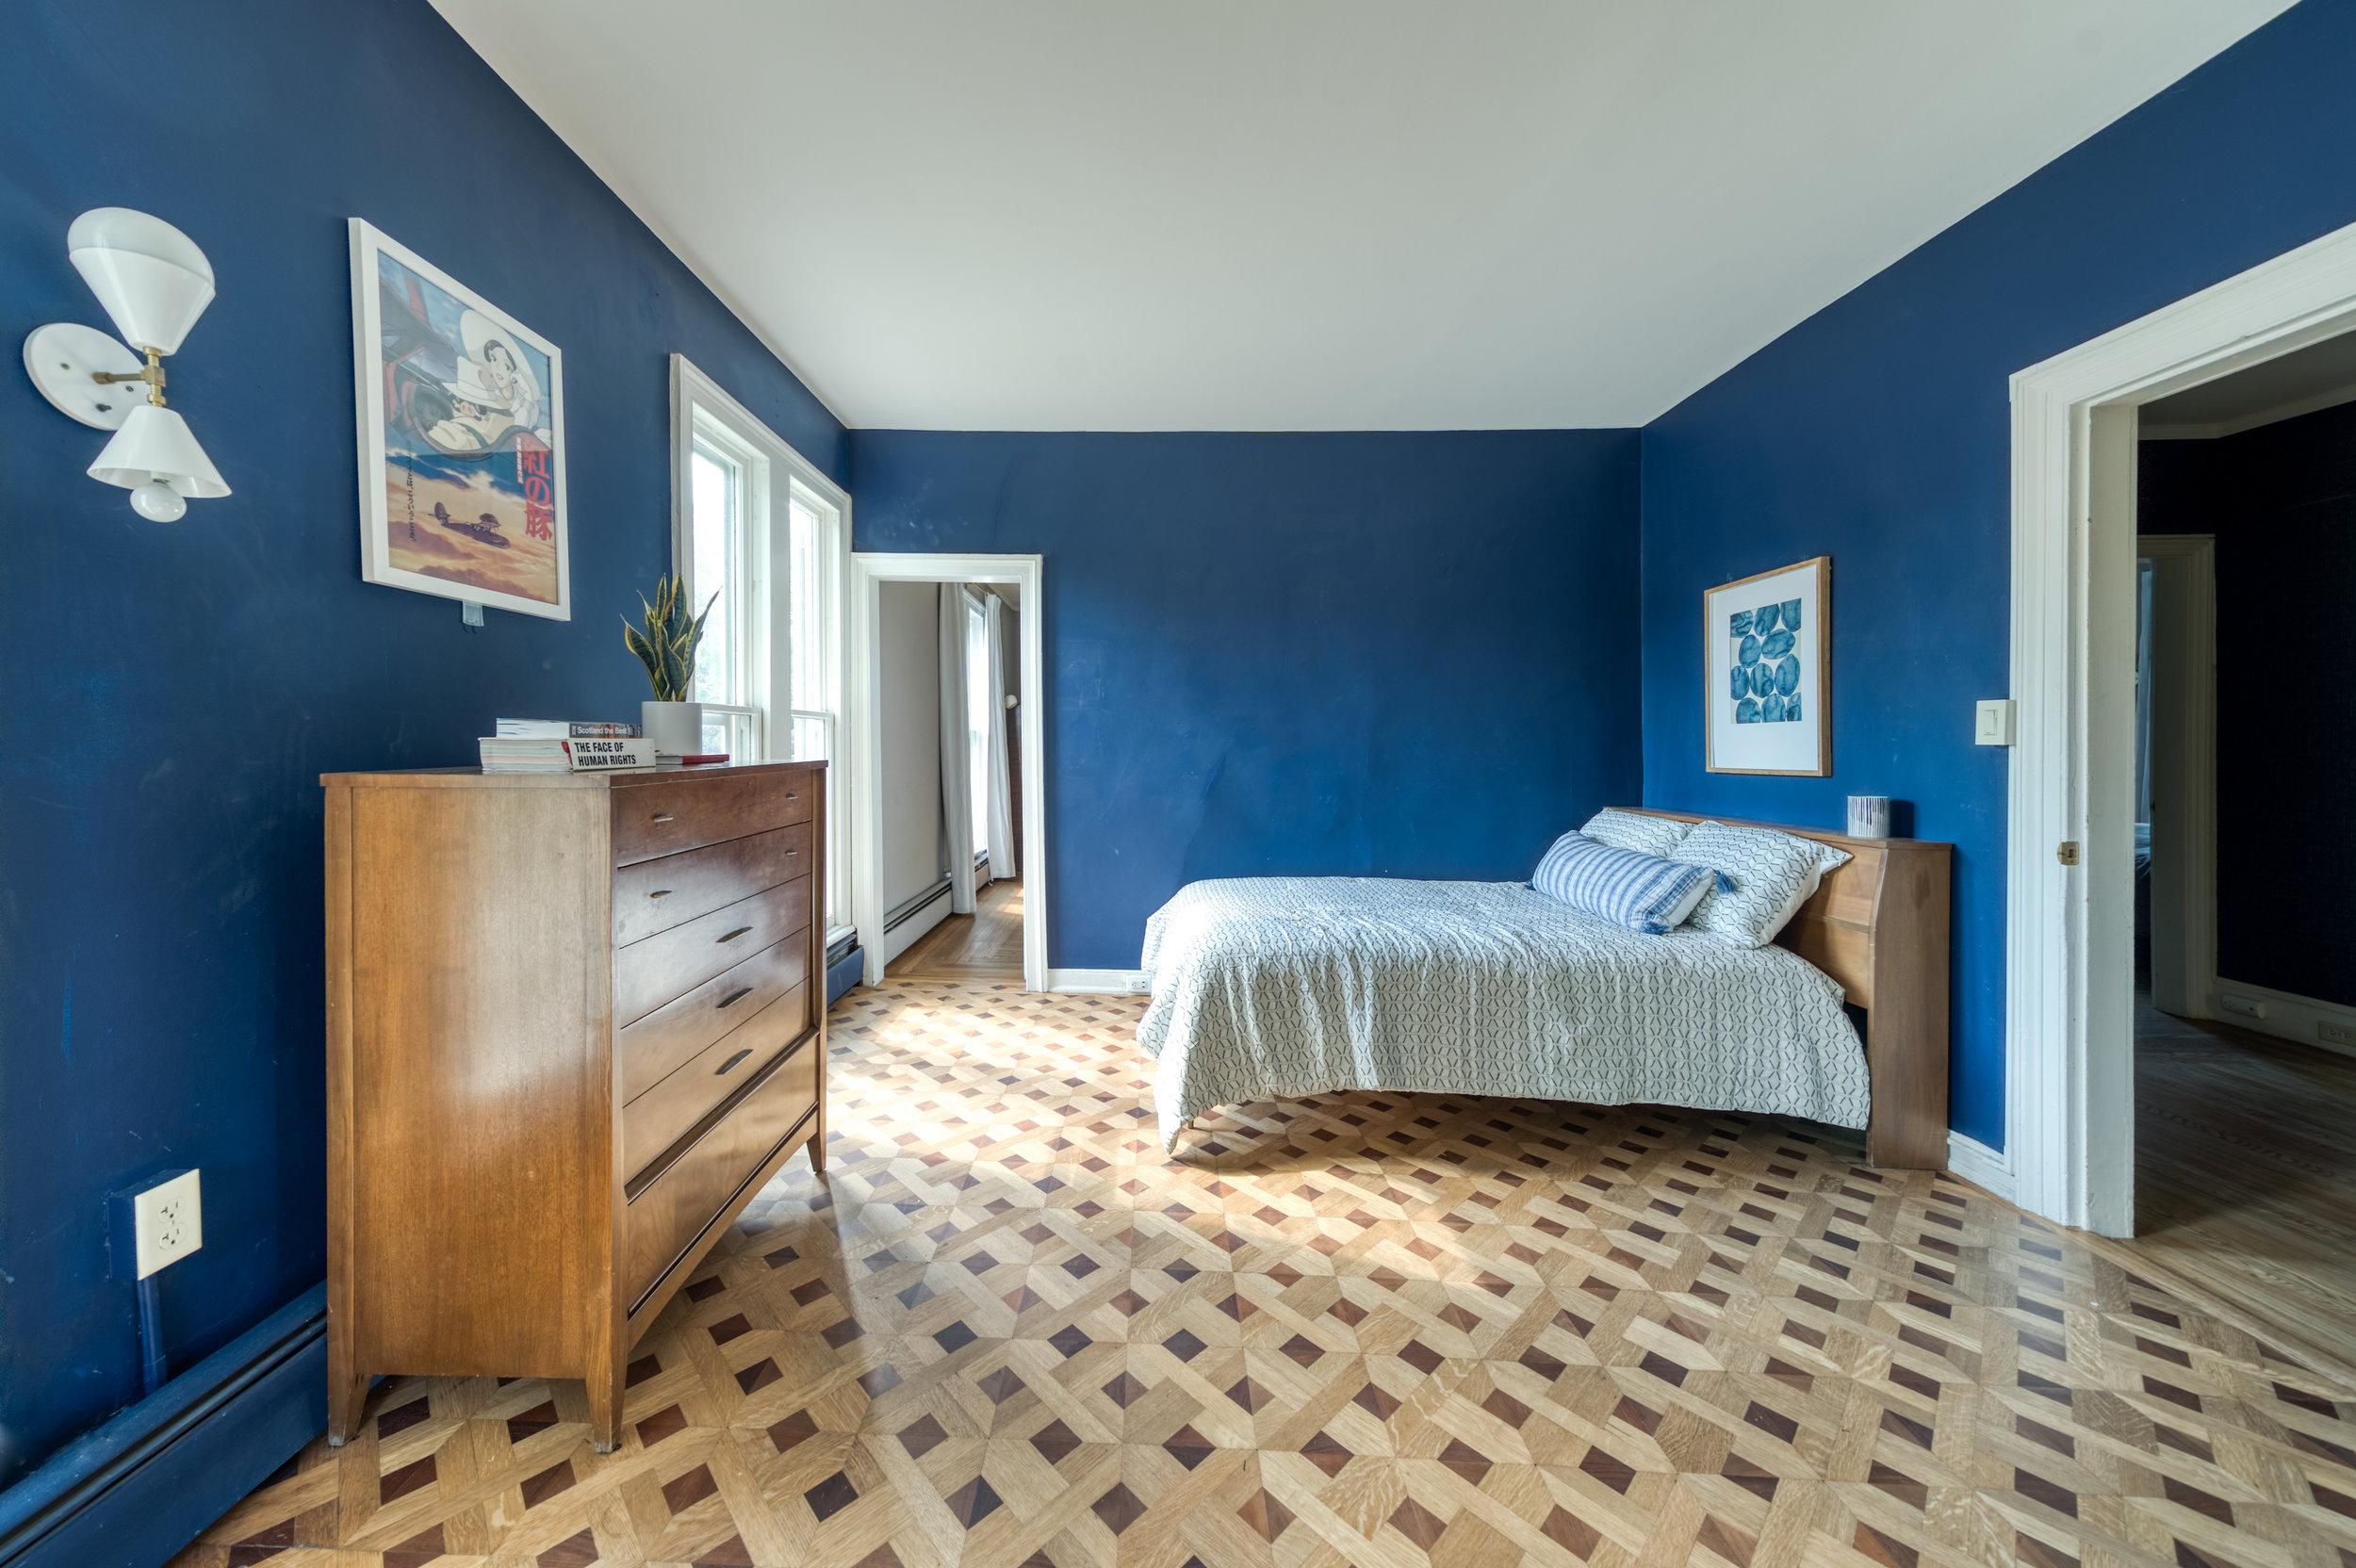 UptownKingston-Guest-Bedroom-3.jpg